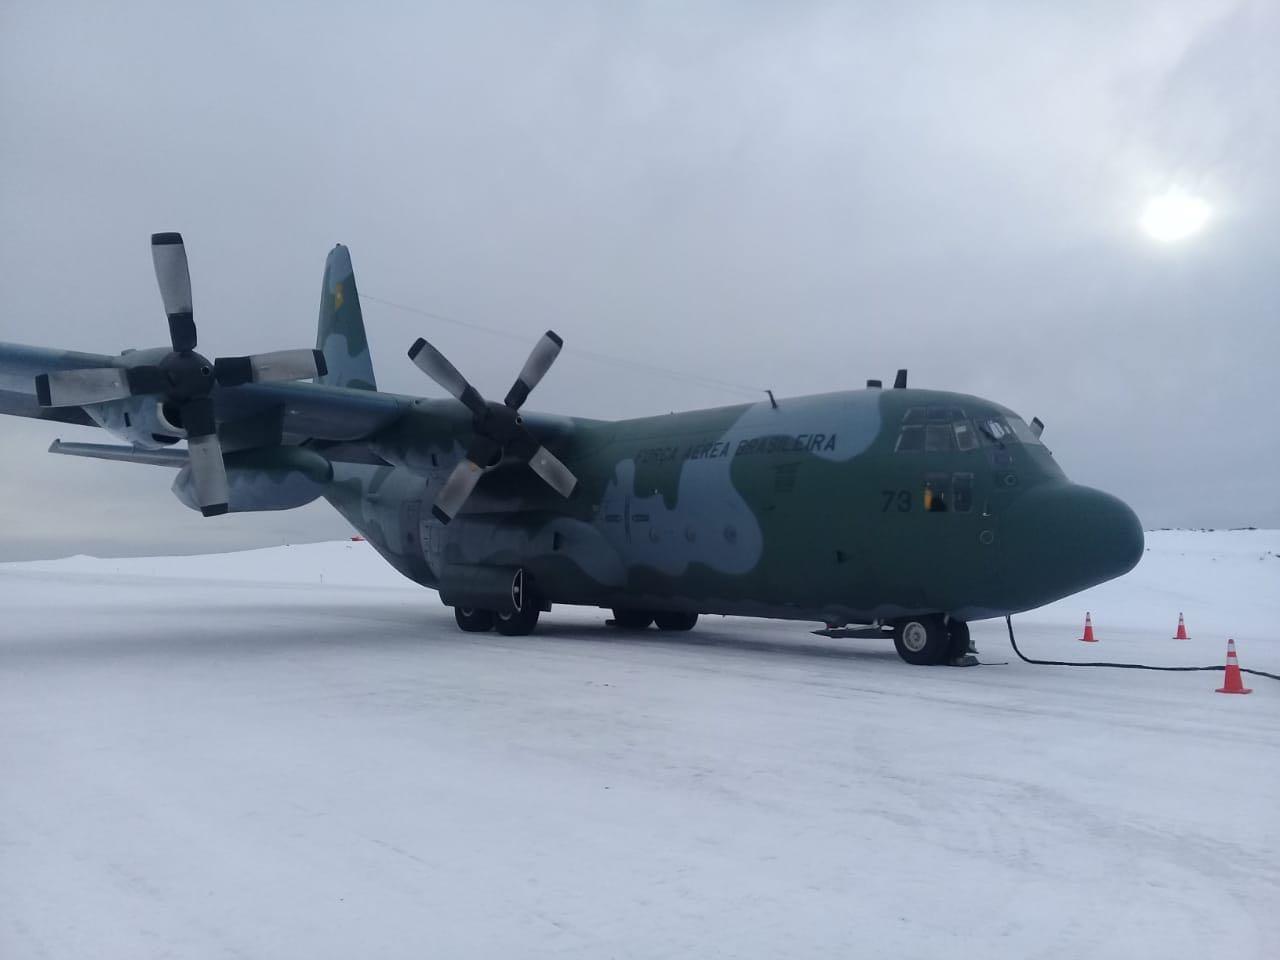 Aeronave C-130 contribui para a presença do Brasil na região